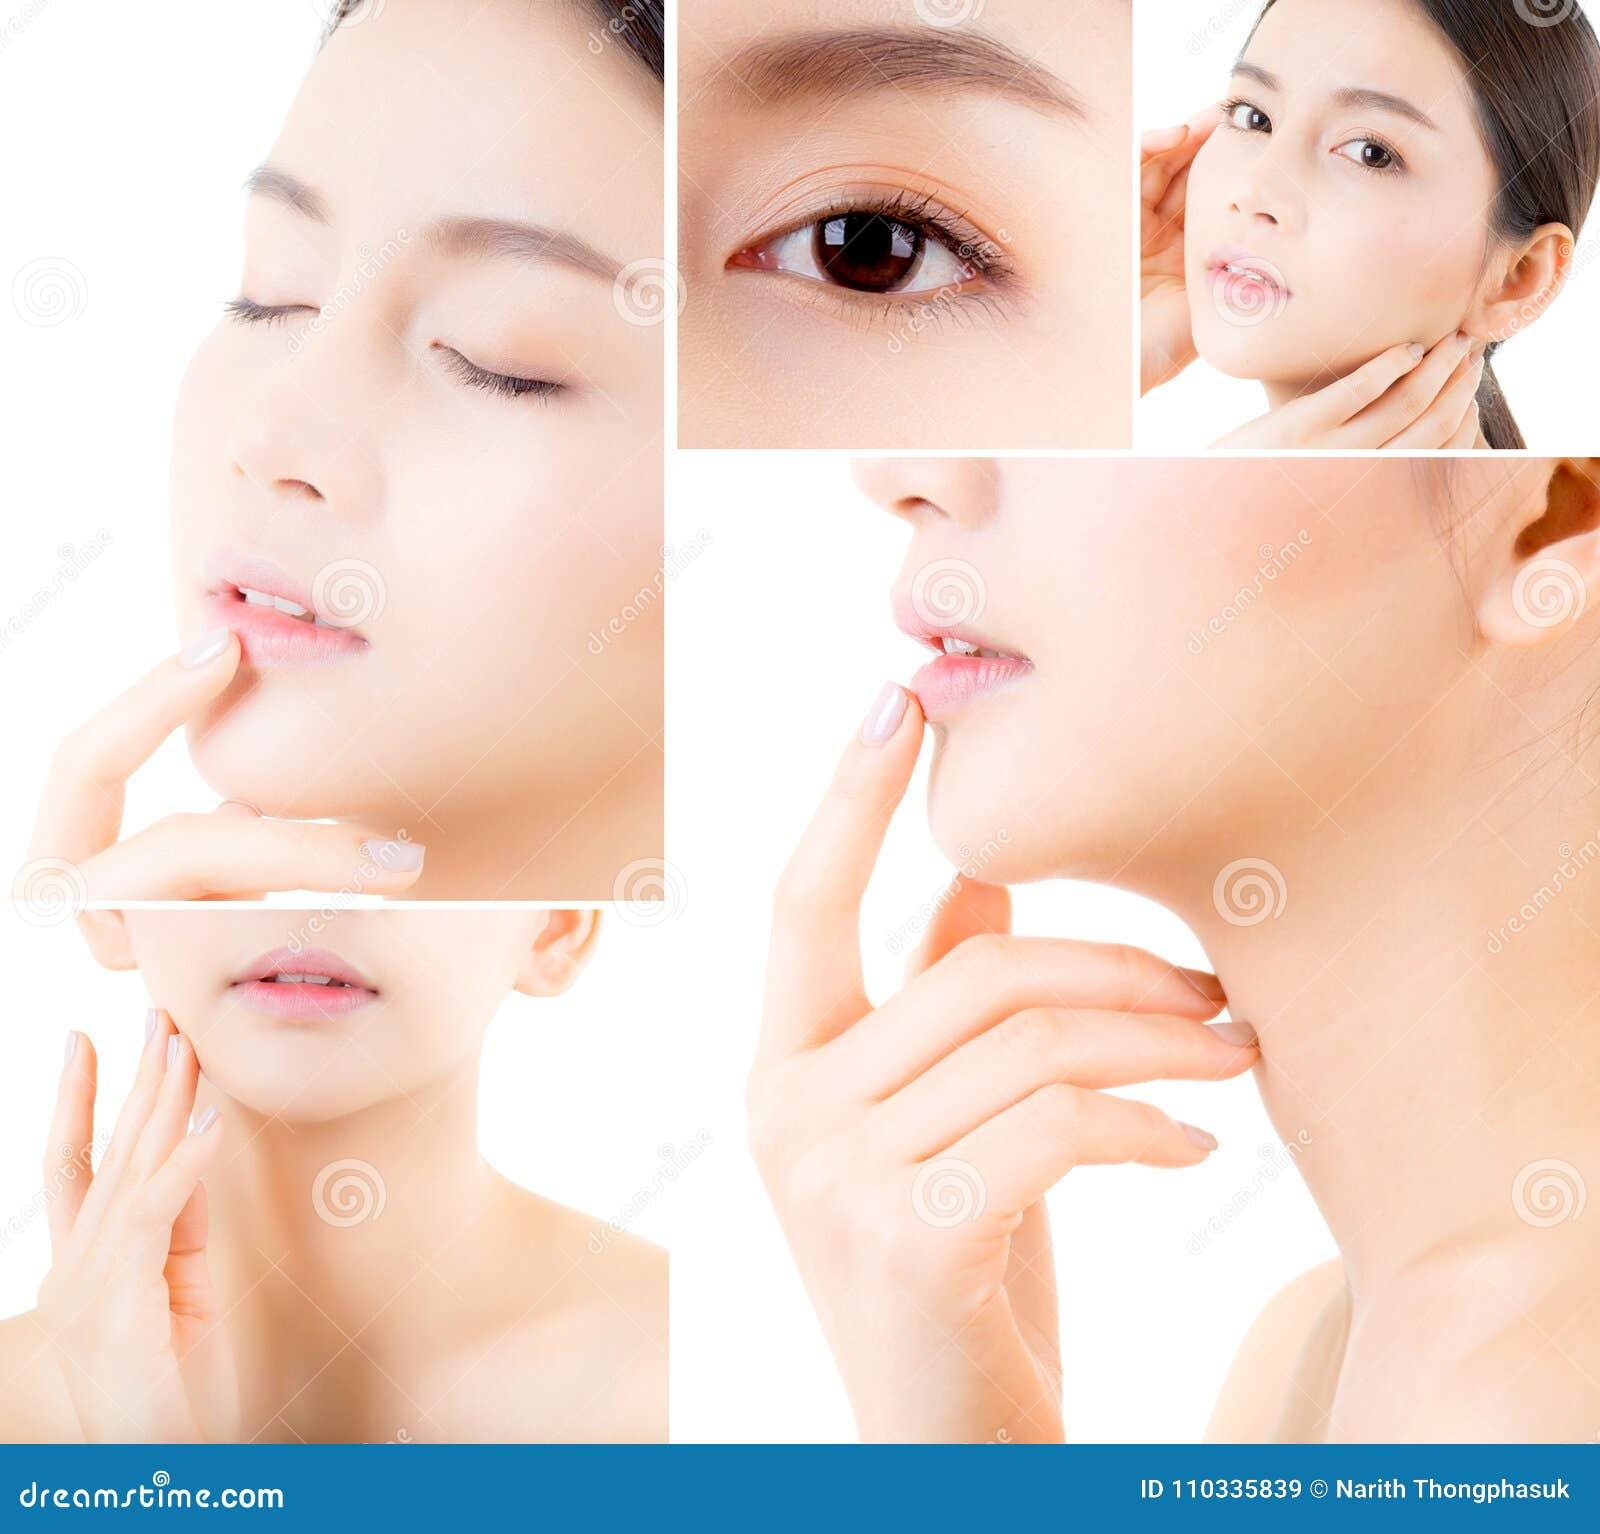 Κολάζ διάφορων φωτογραφιών για την όμορφη ασιατική γυναίκα makeup του καλλυντικού, μάγουλο αφής χεριών κοριτσιών, πρόσωπο της ομο